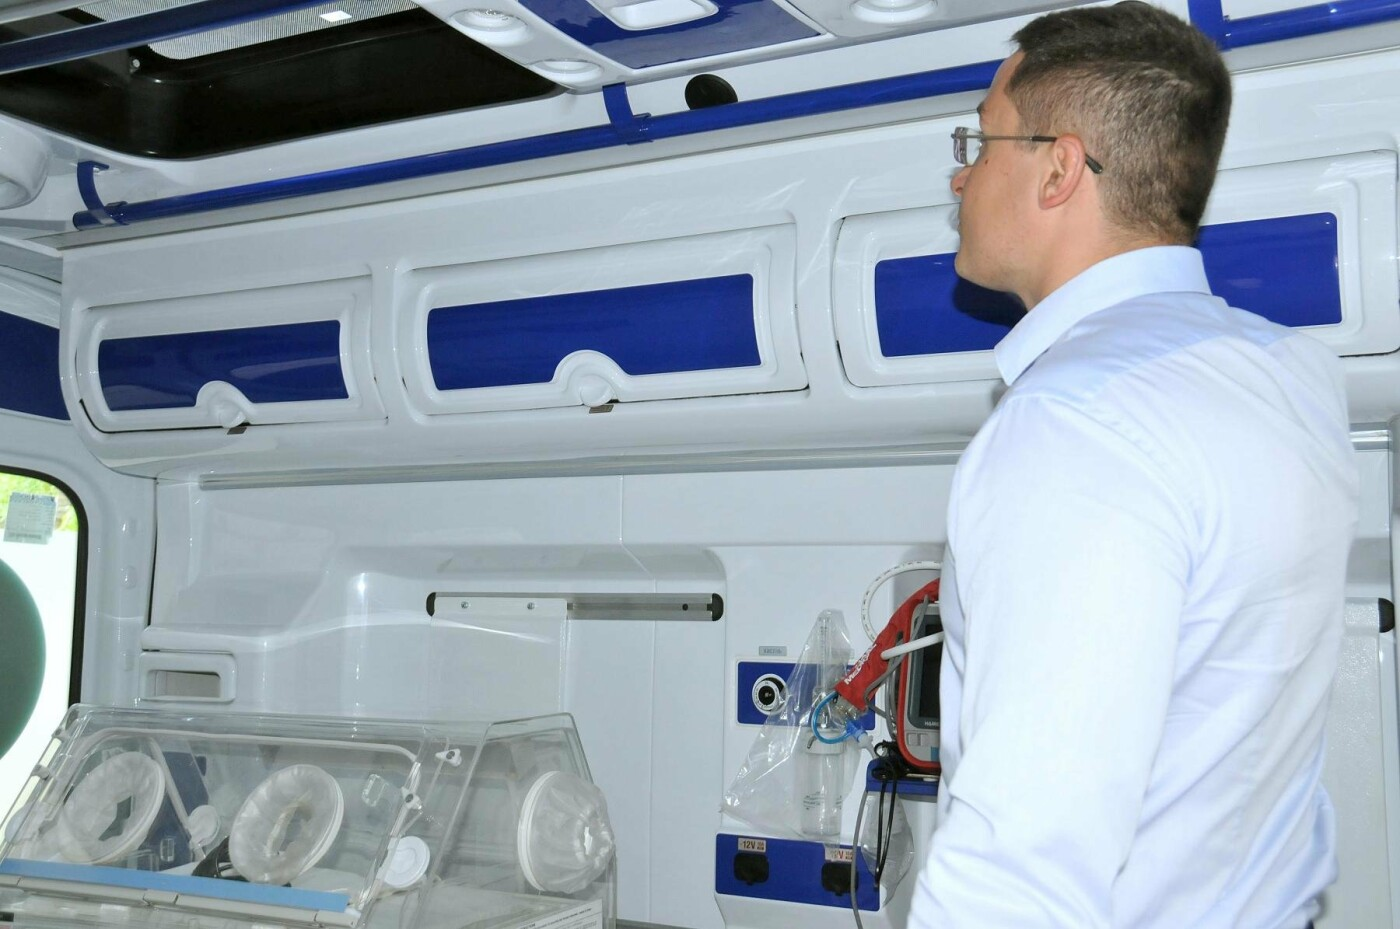 Владислав Марченко: Через месяц в областной детской больнице начнется демонтаж и строительство нового хирургического блока, фото-4